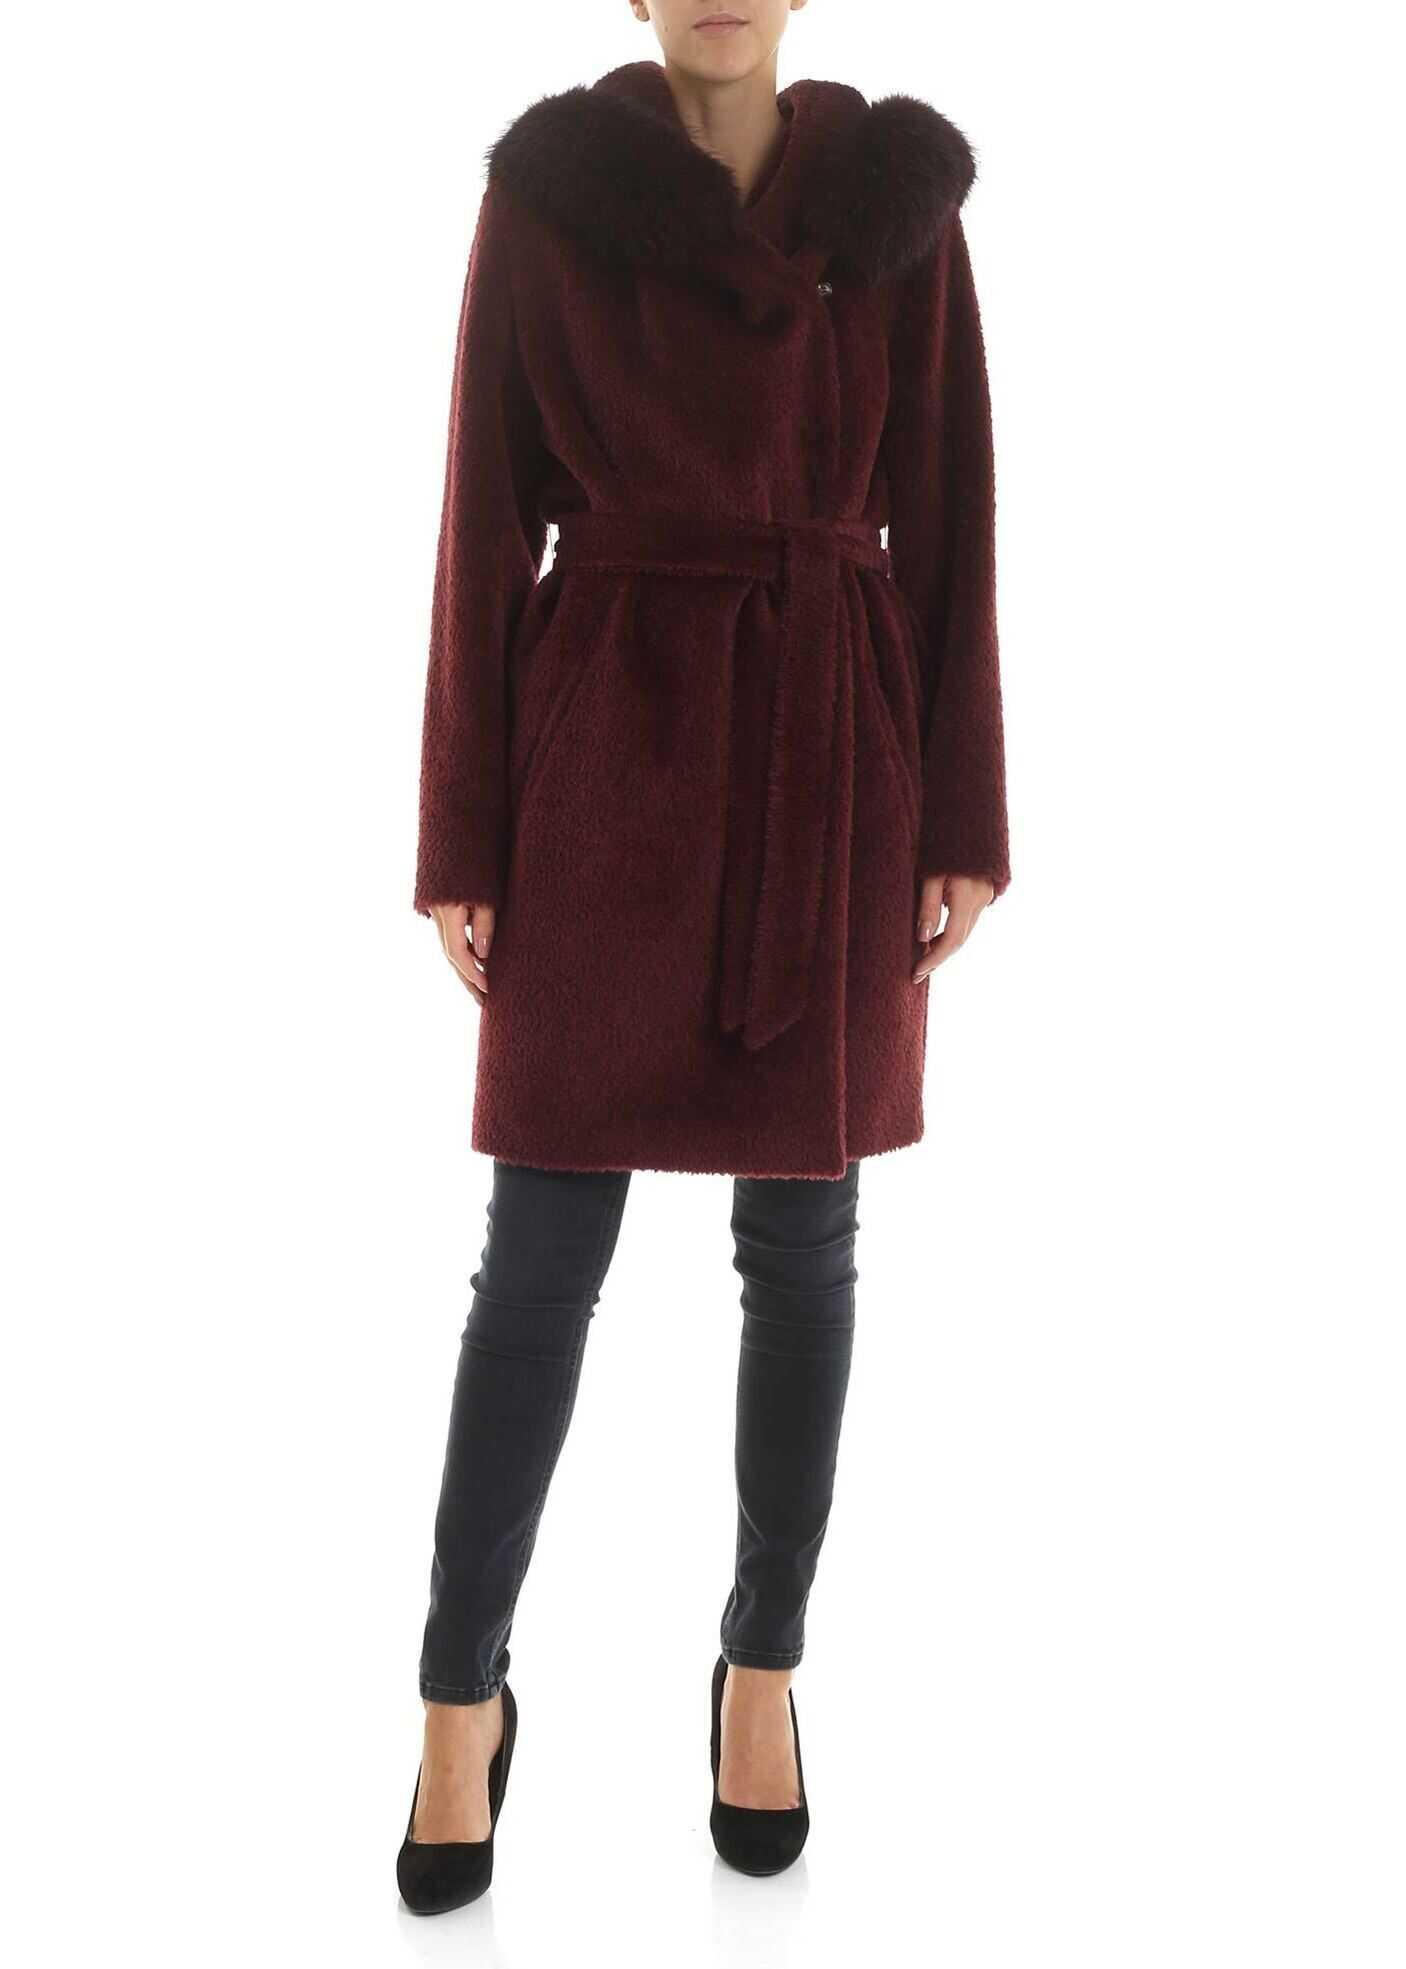 Max Mara Studio Osmio Coat In Wine Color Red